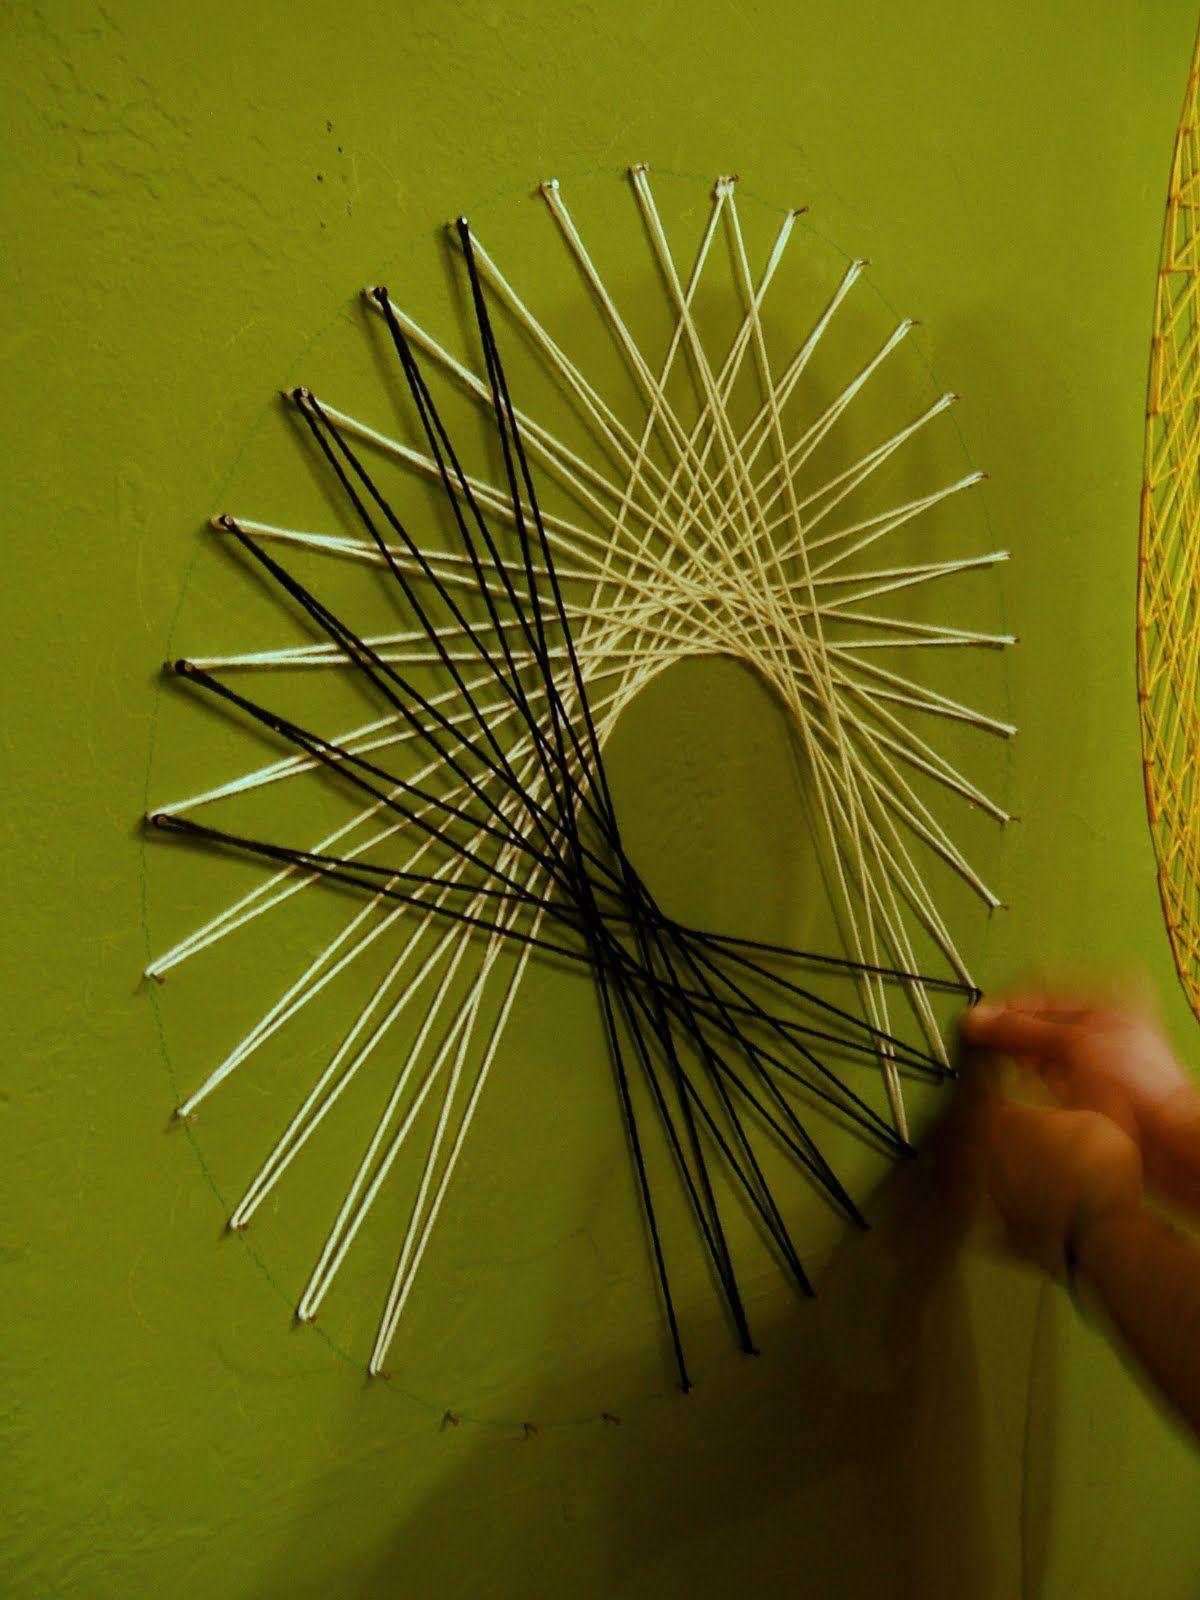 string art from art classes in school   Ιδέες για το σπίτι ...